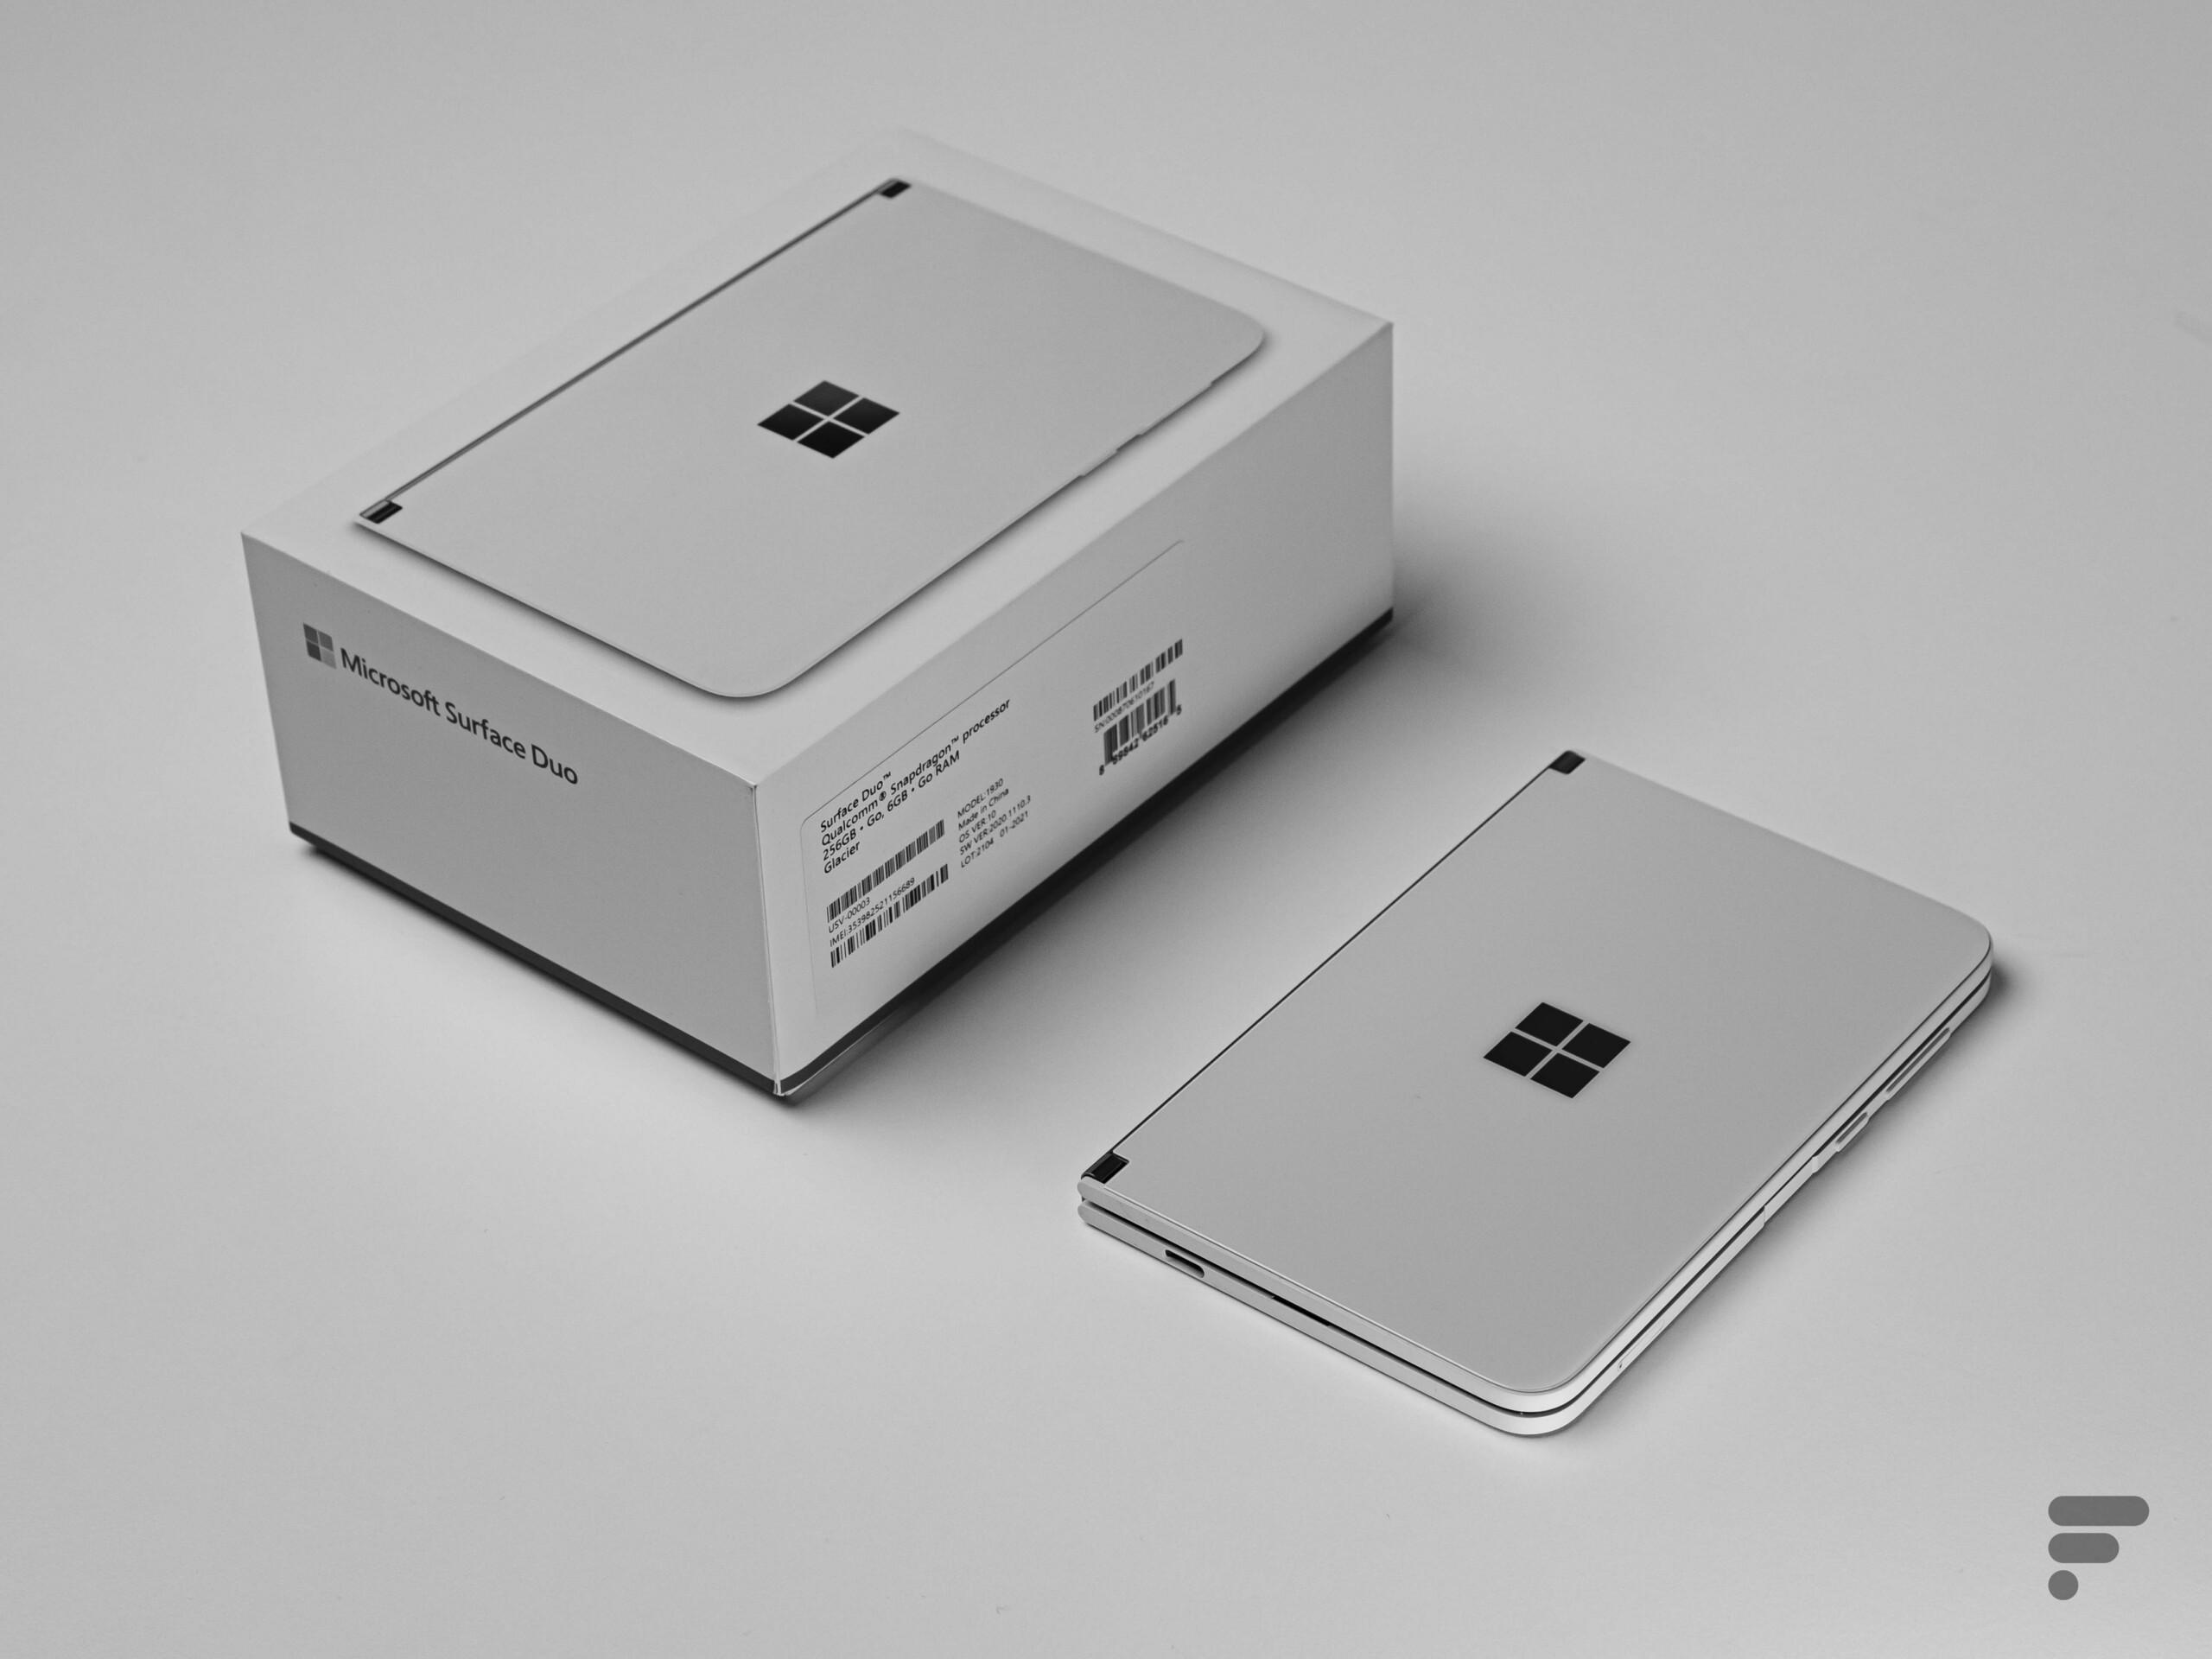 Microsoft préparerait un Surface Duo 2 pour 2021 : premières fuites sur les caractéristiques